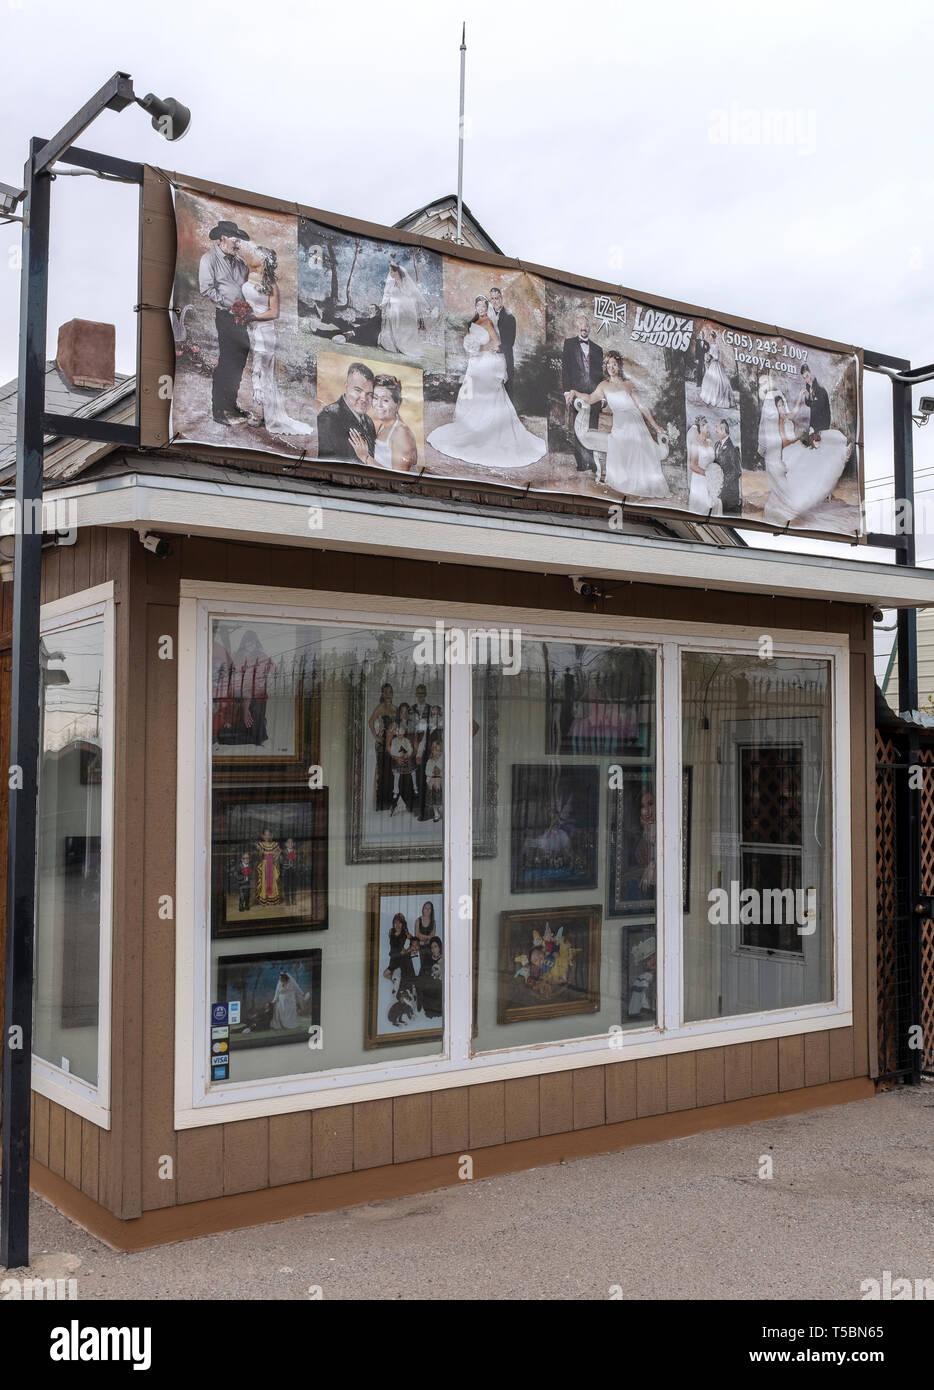 'Lozoya Studios': photo studio in Albuquerque, New Mexico - Stock Image